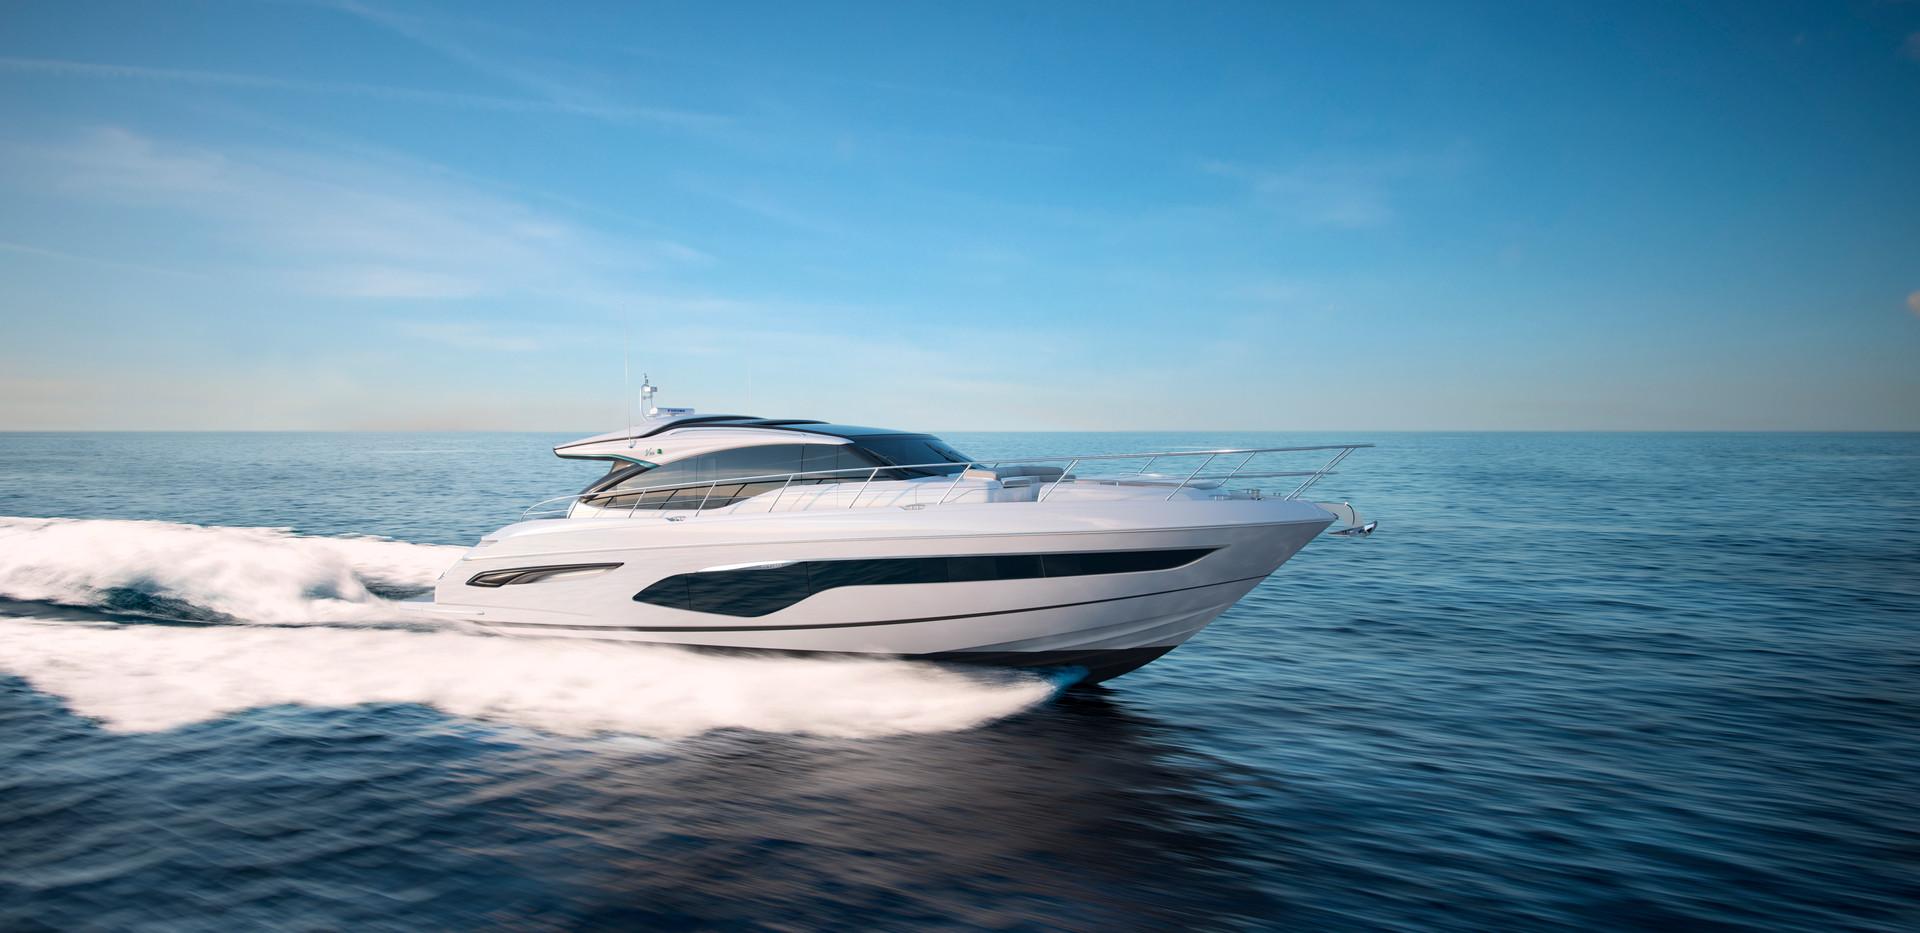 v65-exterior-white-hull-cgi.jpg